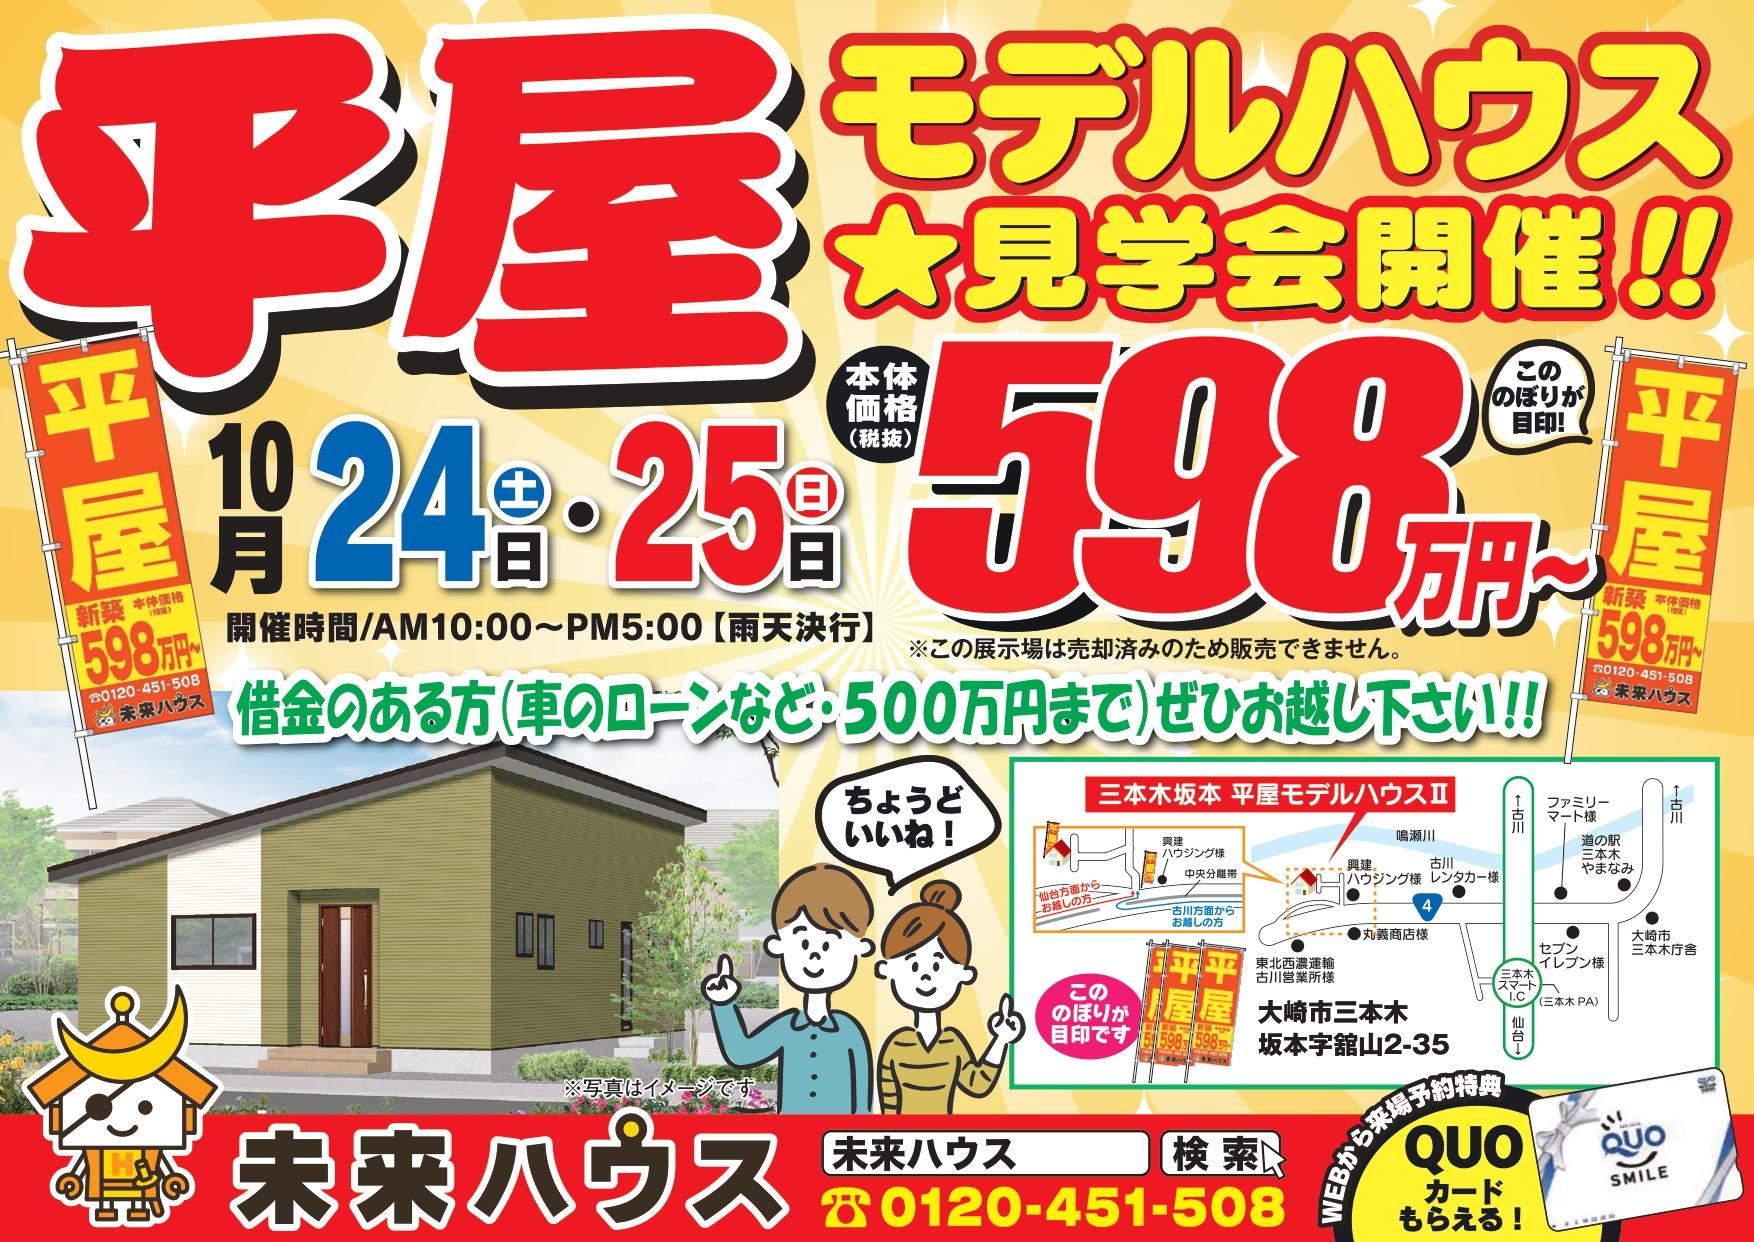 10月24日・25日 三本木坂本 平屋モデルハウスⅡ 見学会開催